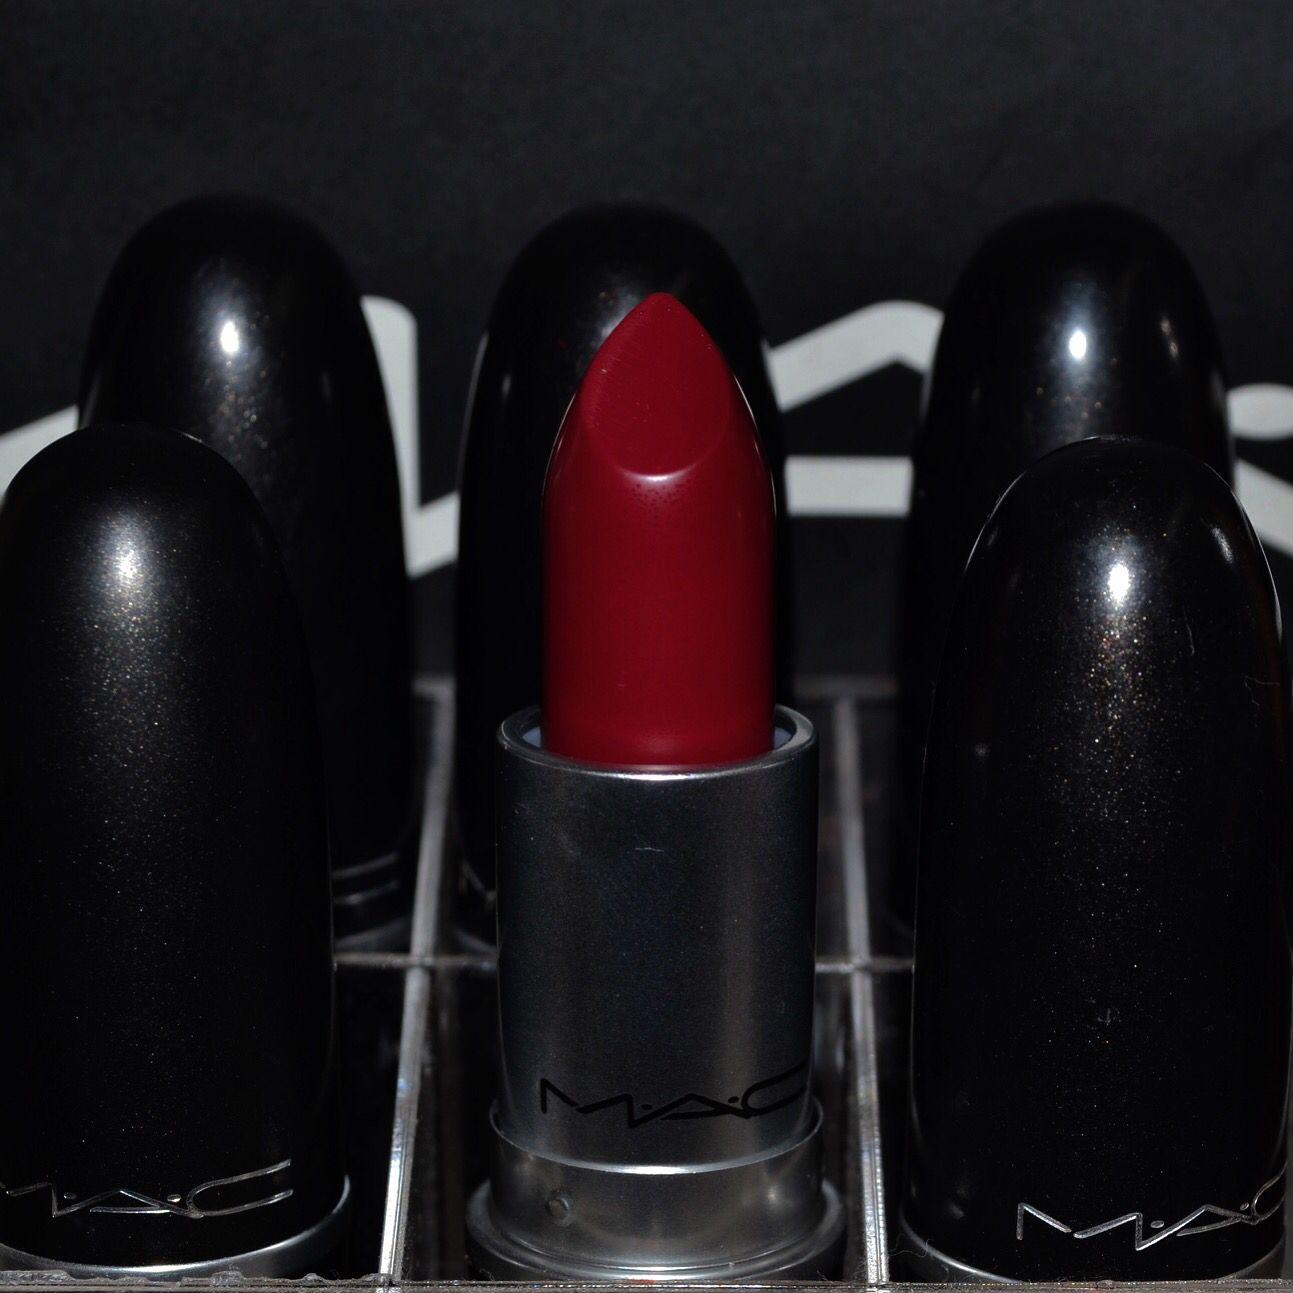 Mac cosmetics winter fall lipstick d for danger matte ruj bordo dark ...